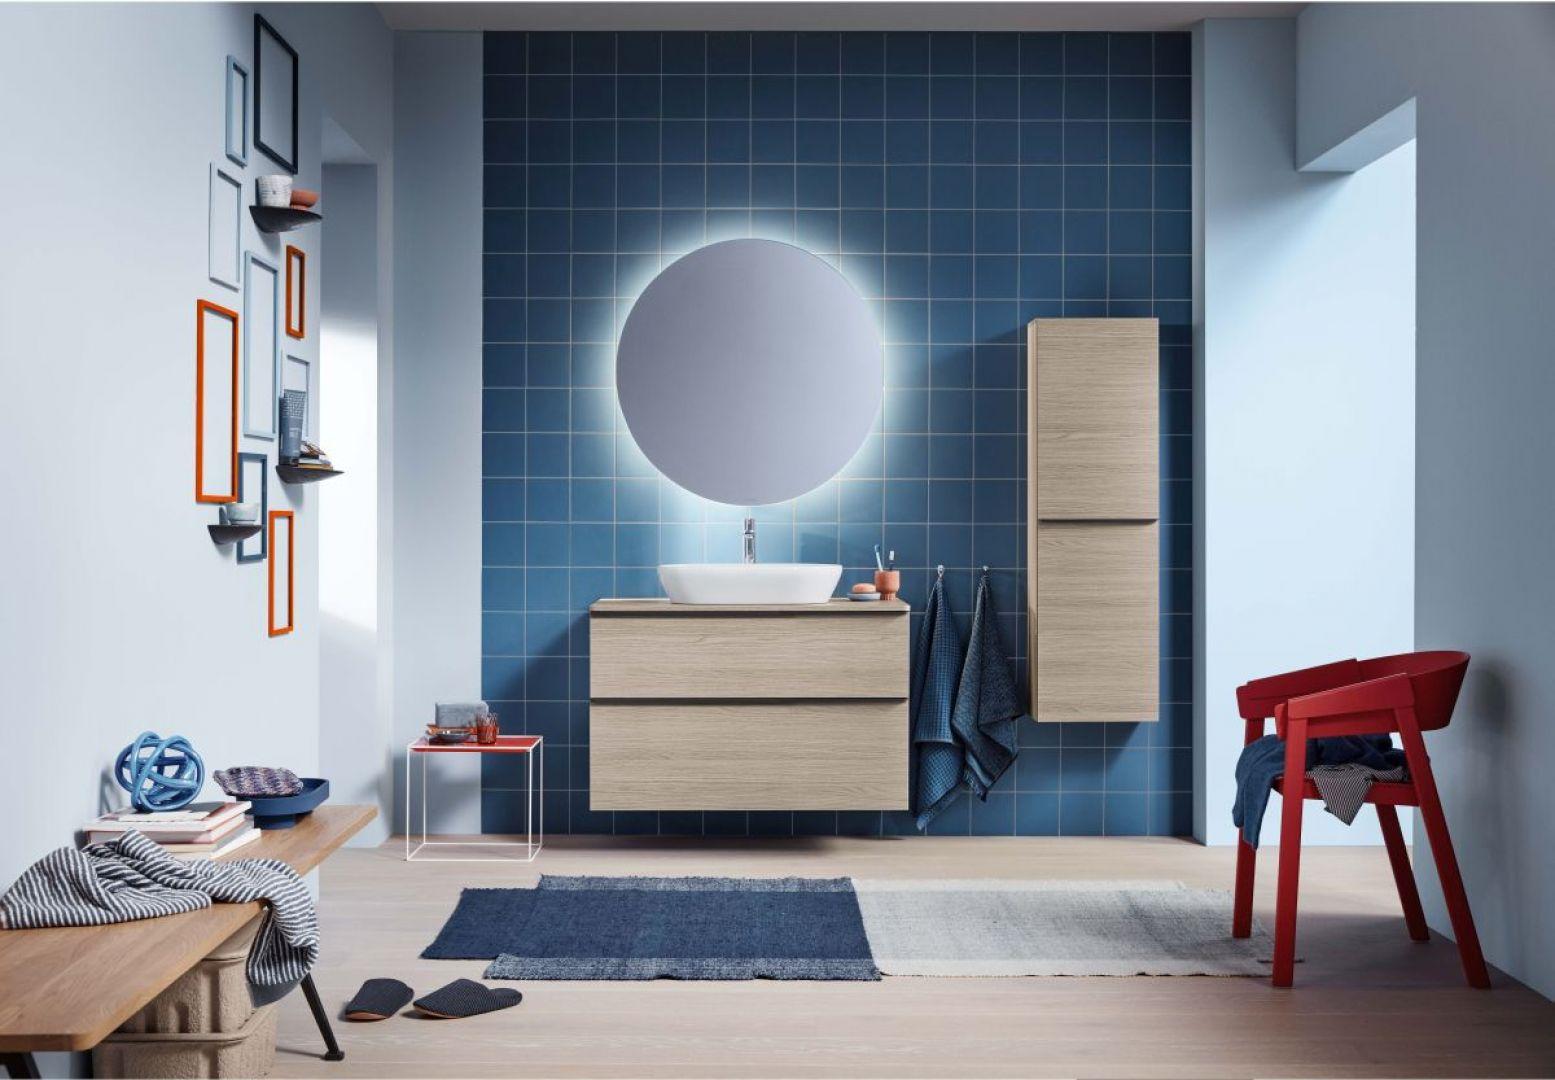 Nowe wykończenia mebli  z dużą owalną umywalką nablatową nadaje strefie umywalki współczesną solidność. Fot. Duravit